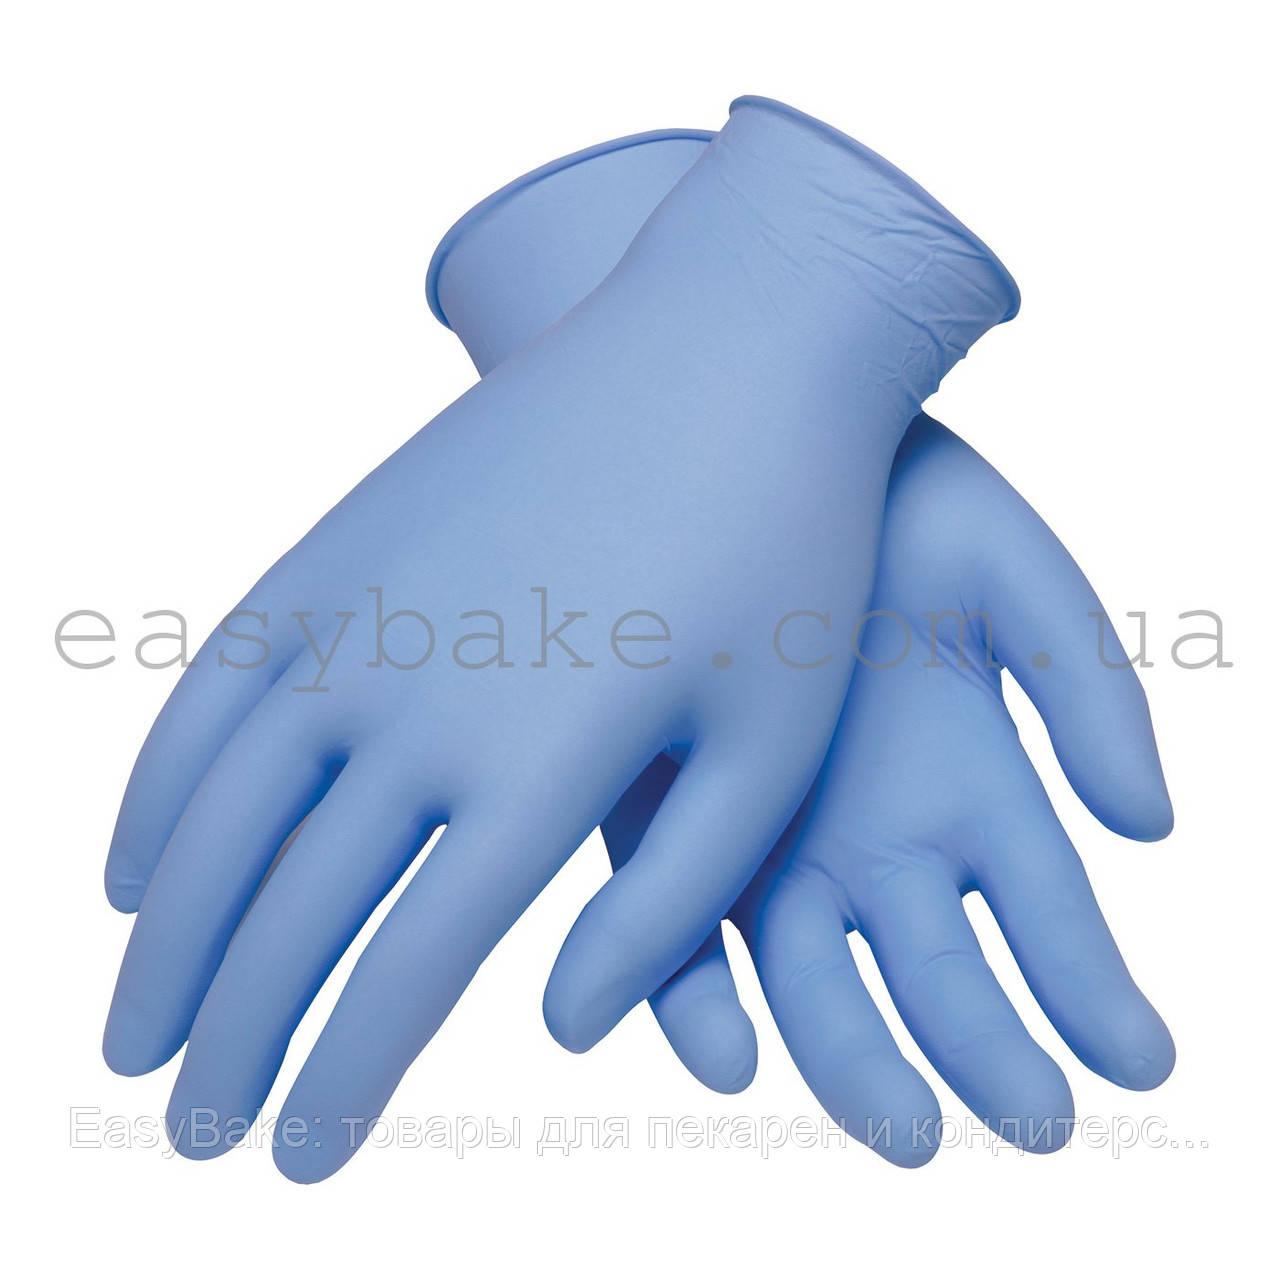 Перчатки нитрил супер Клин 3.0 голубые р.XL 200 шт - EasyBake: товары для пекарен и кондитерских в Киеве